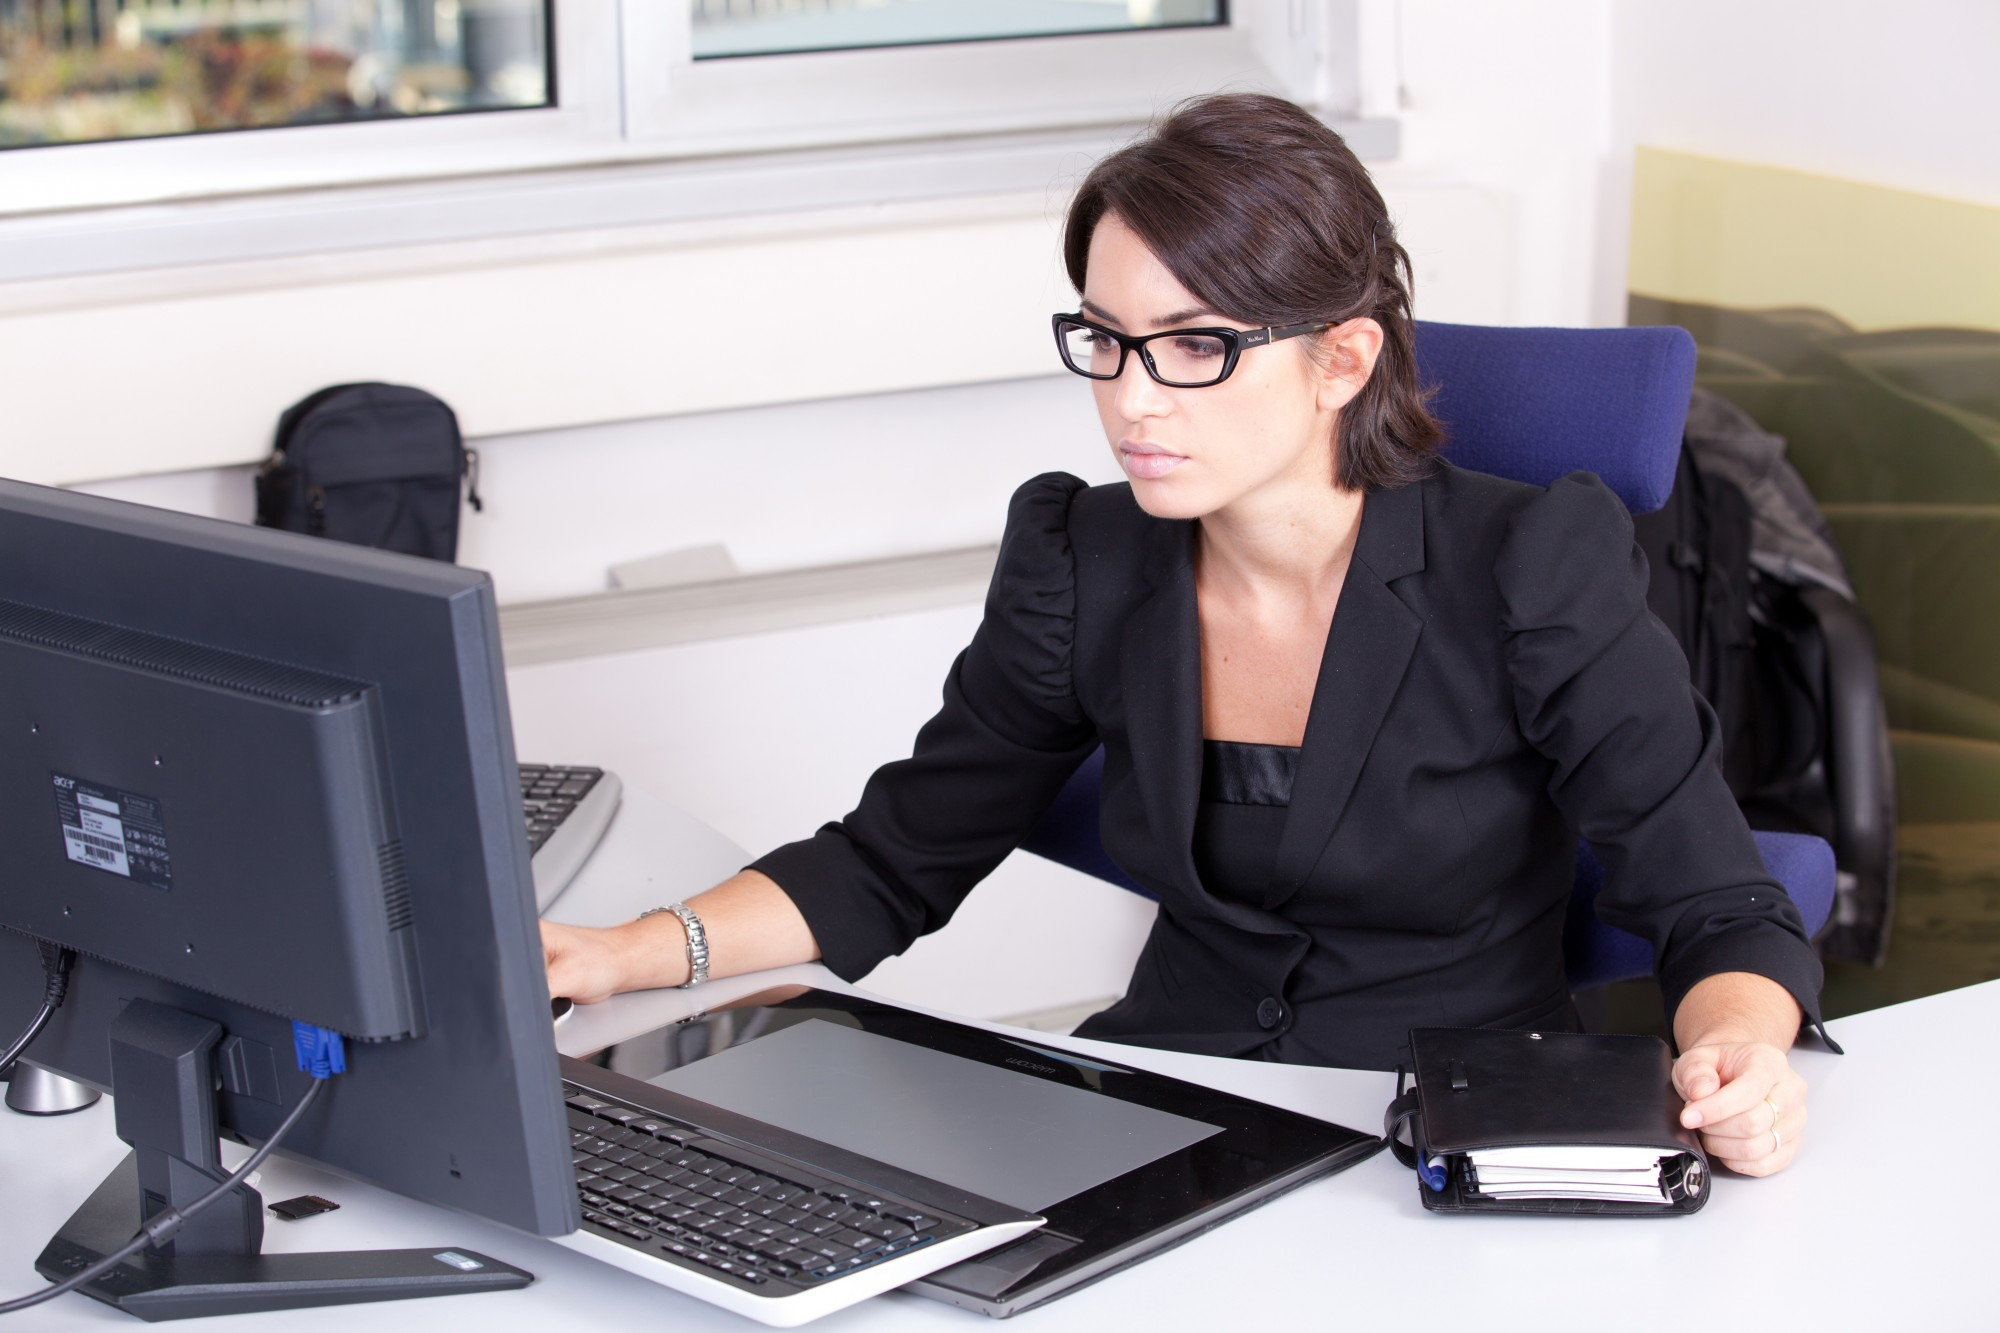 Vous voulez améliorer les compétences de vos employés ou vous cherchez une formation à suivre sur une base personnelle? Le Service aux entreprises (SAE) de la CSDGS est en mesure de vous aider à développer vos connaissances, vos habiletés techniques ou celles de vos employés!